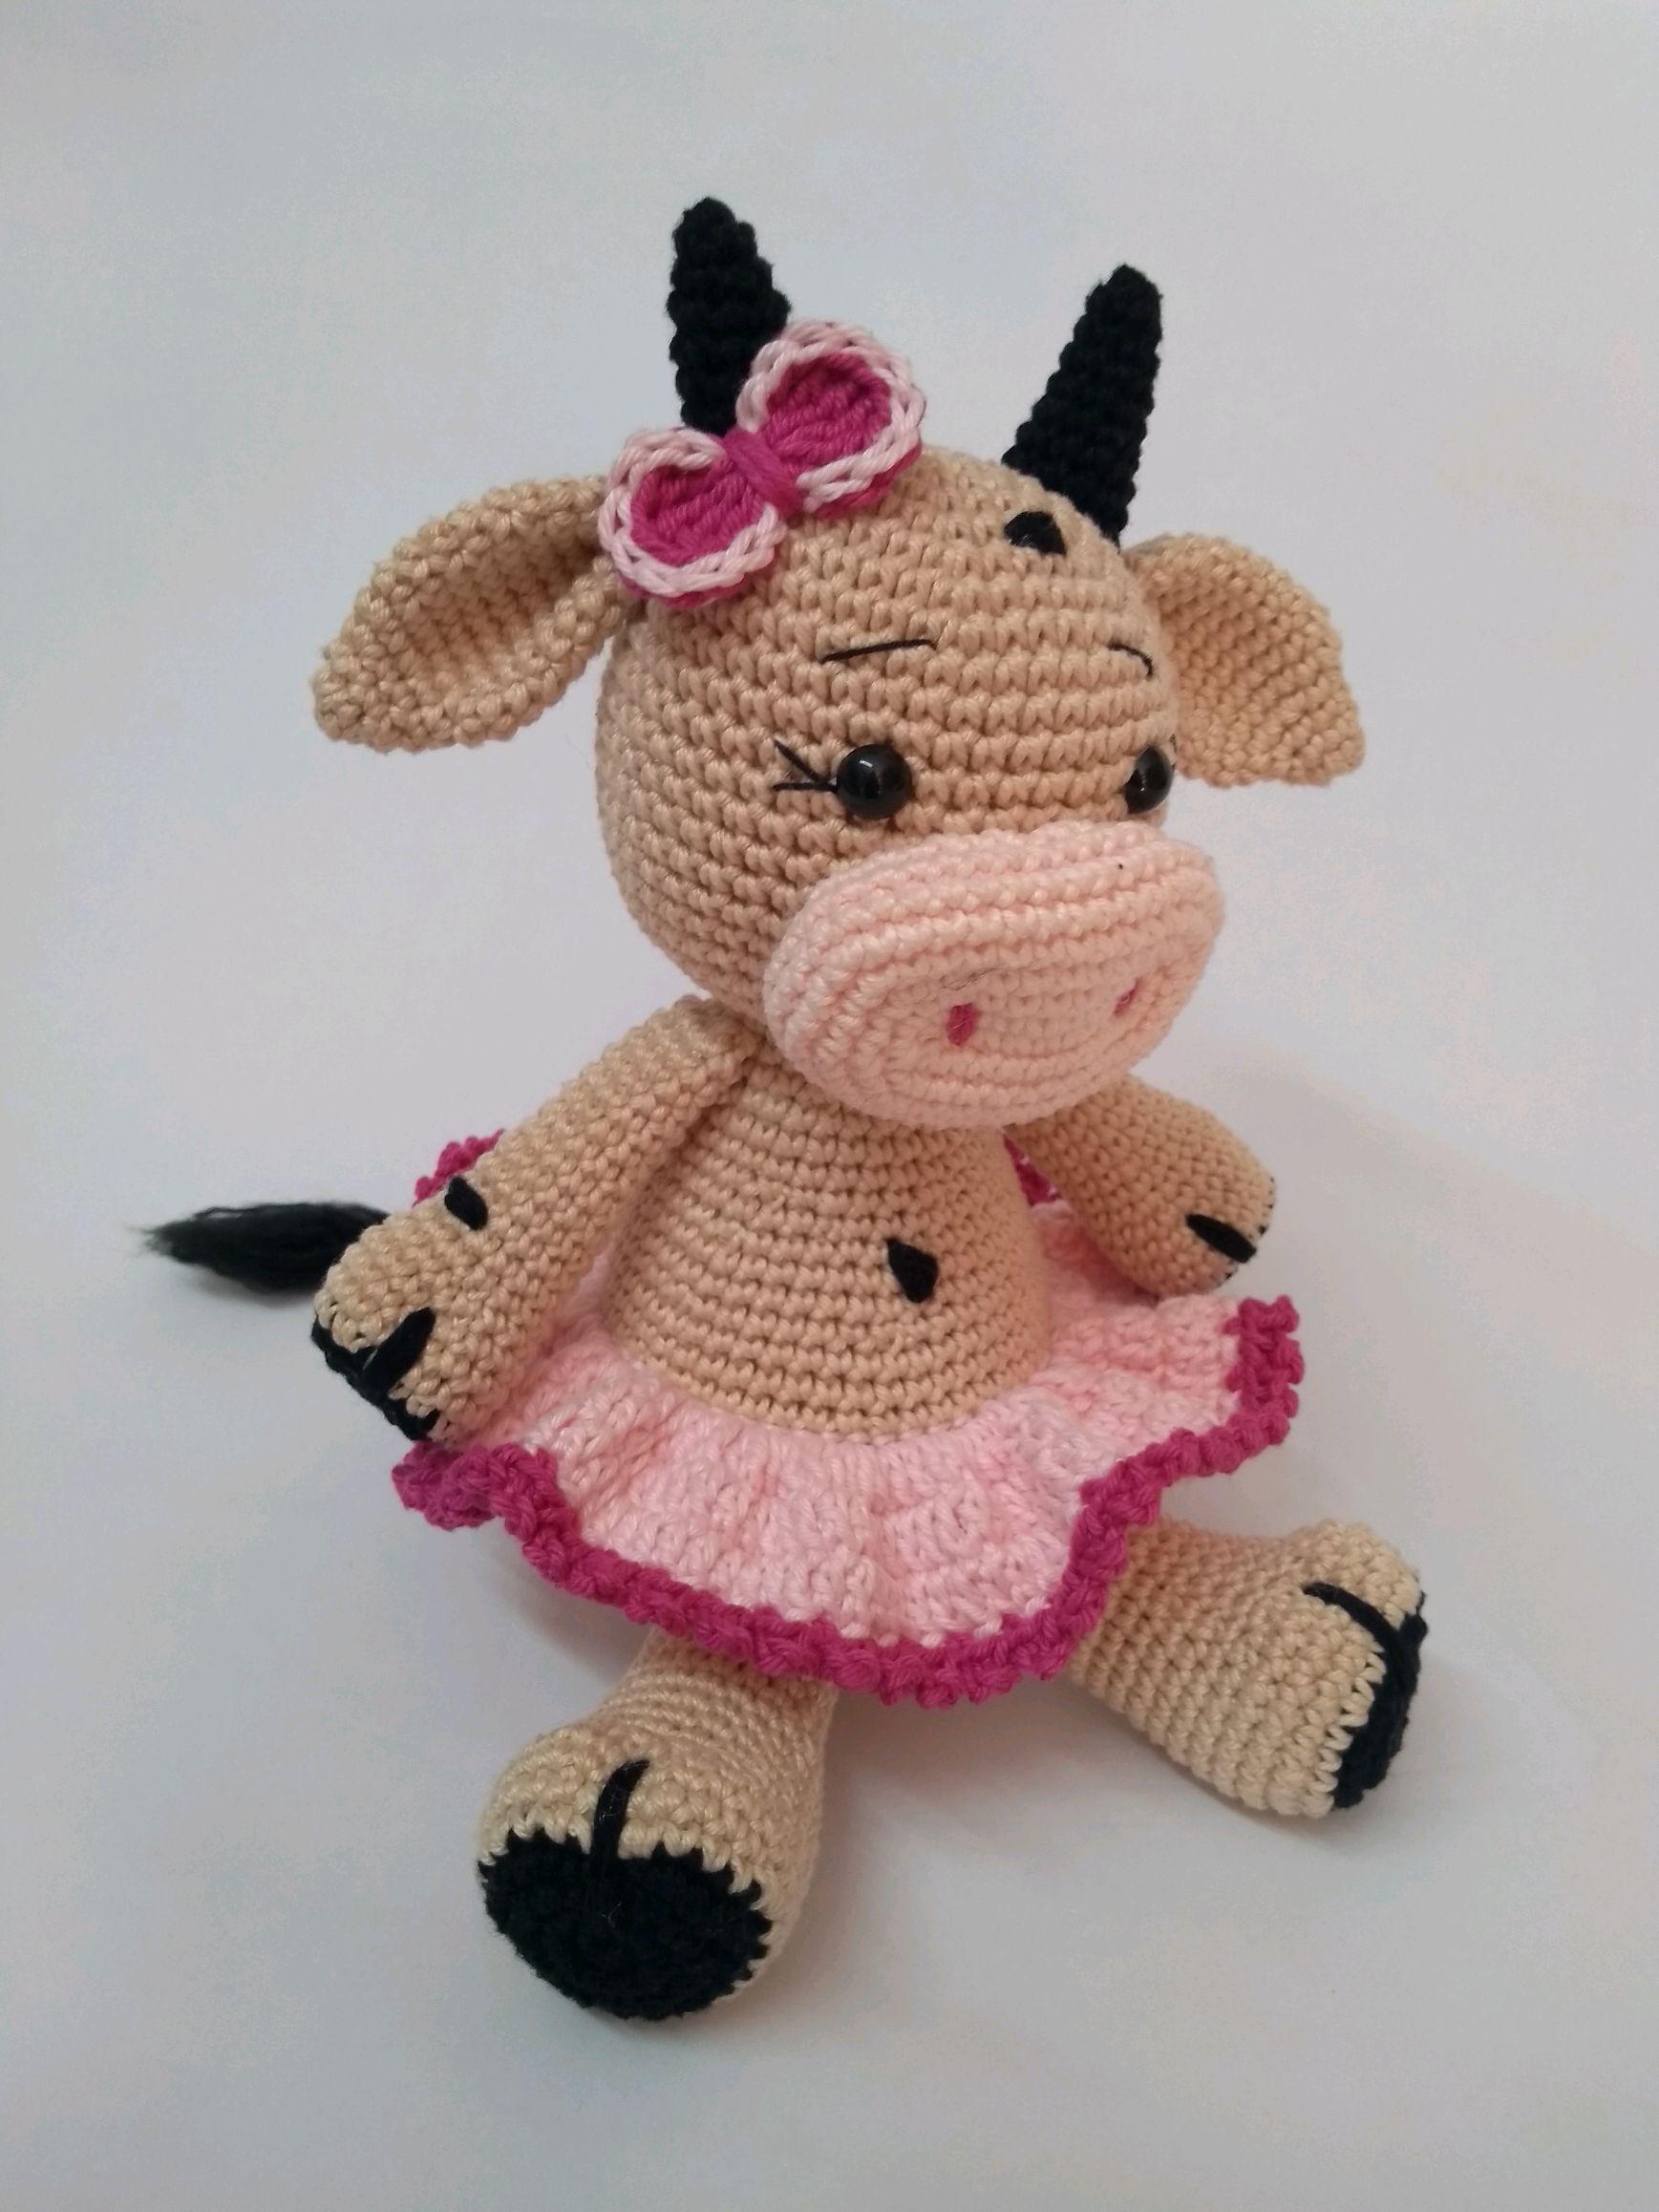 Kuh Amigurumi Häkelanleitung von Little Bear Crochets   2316x1737